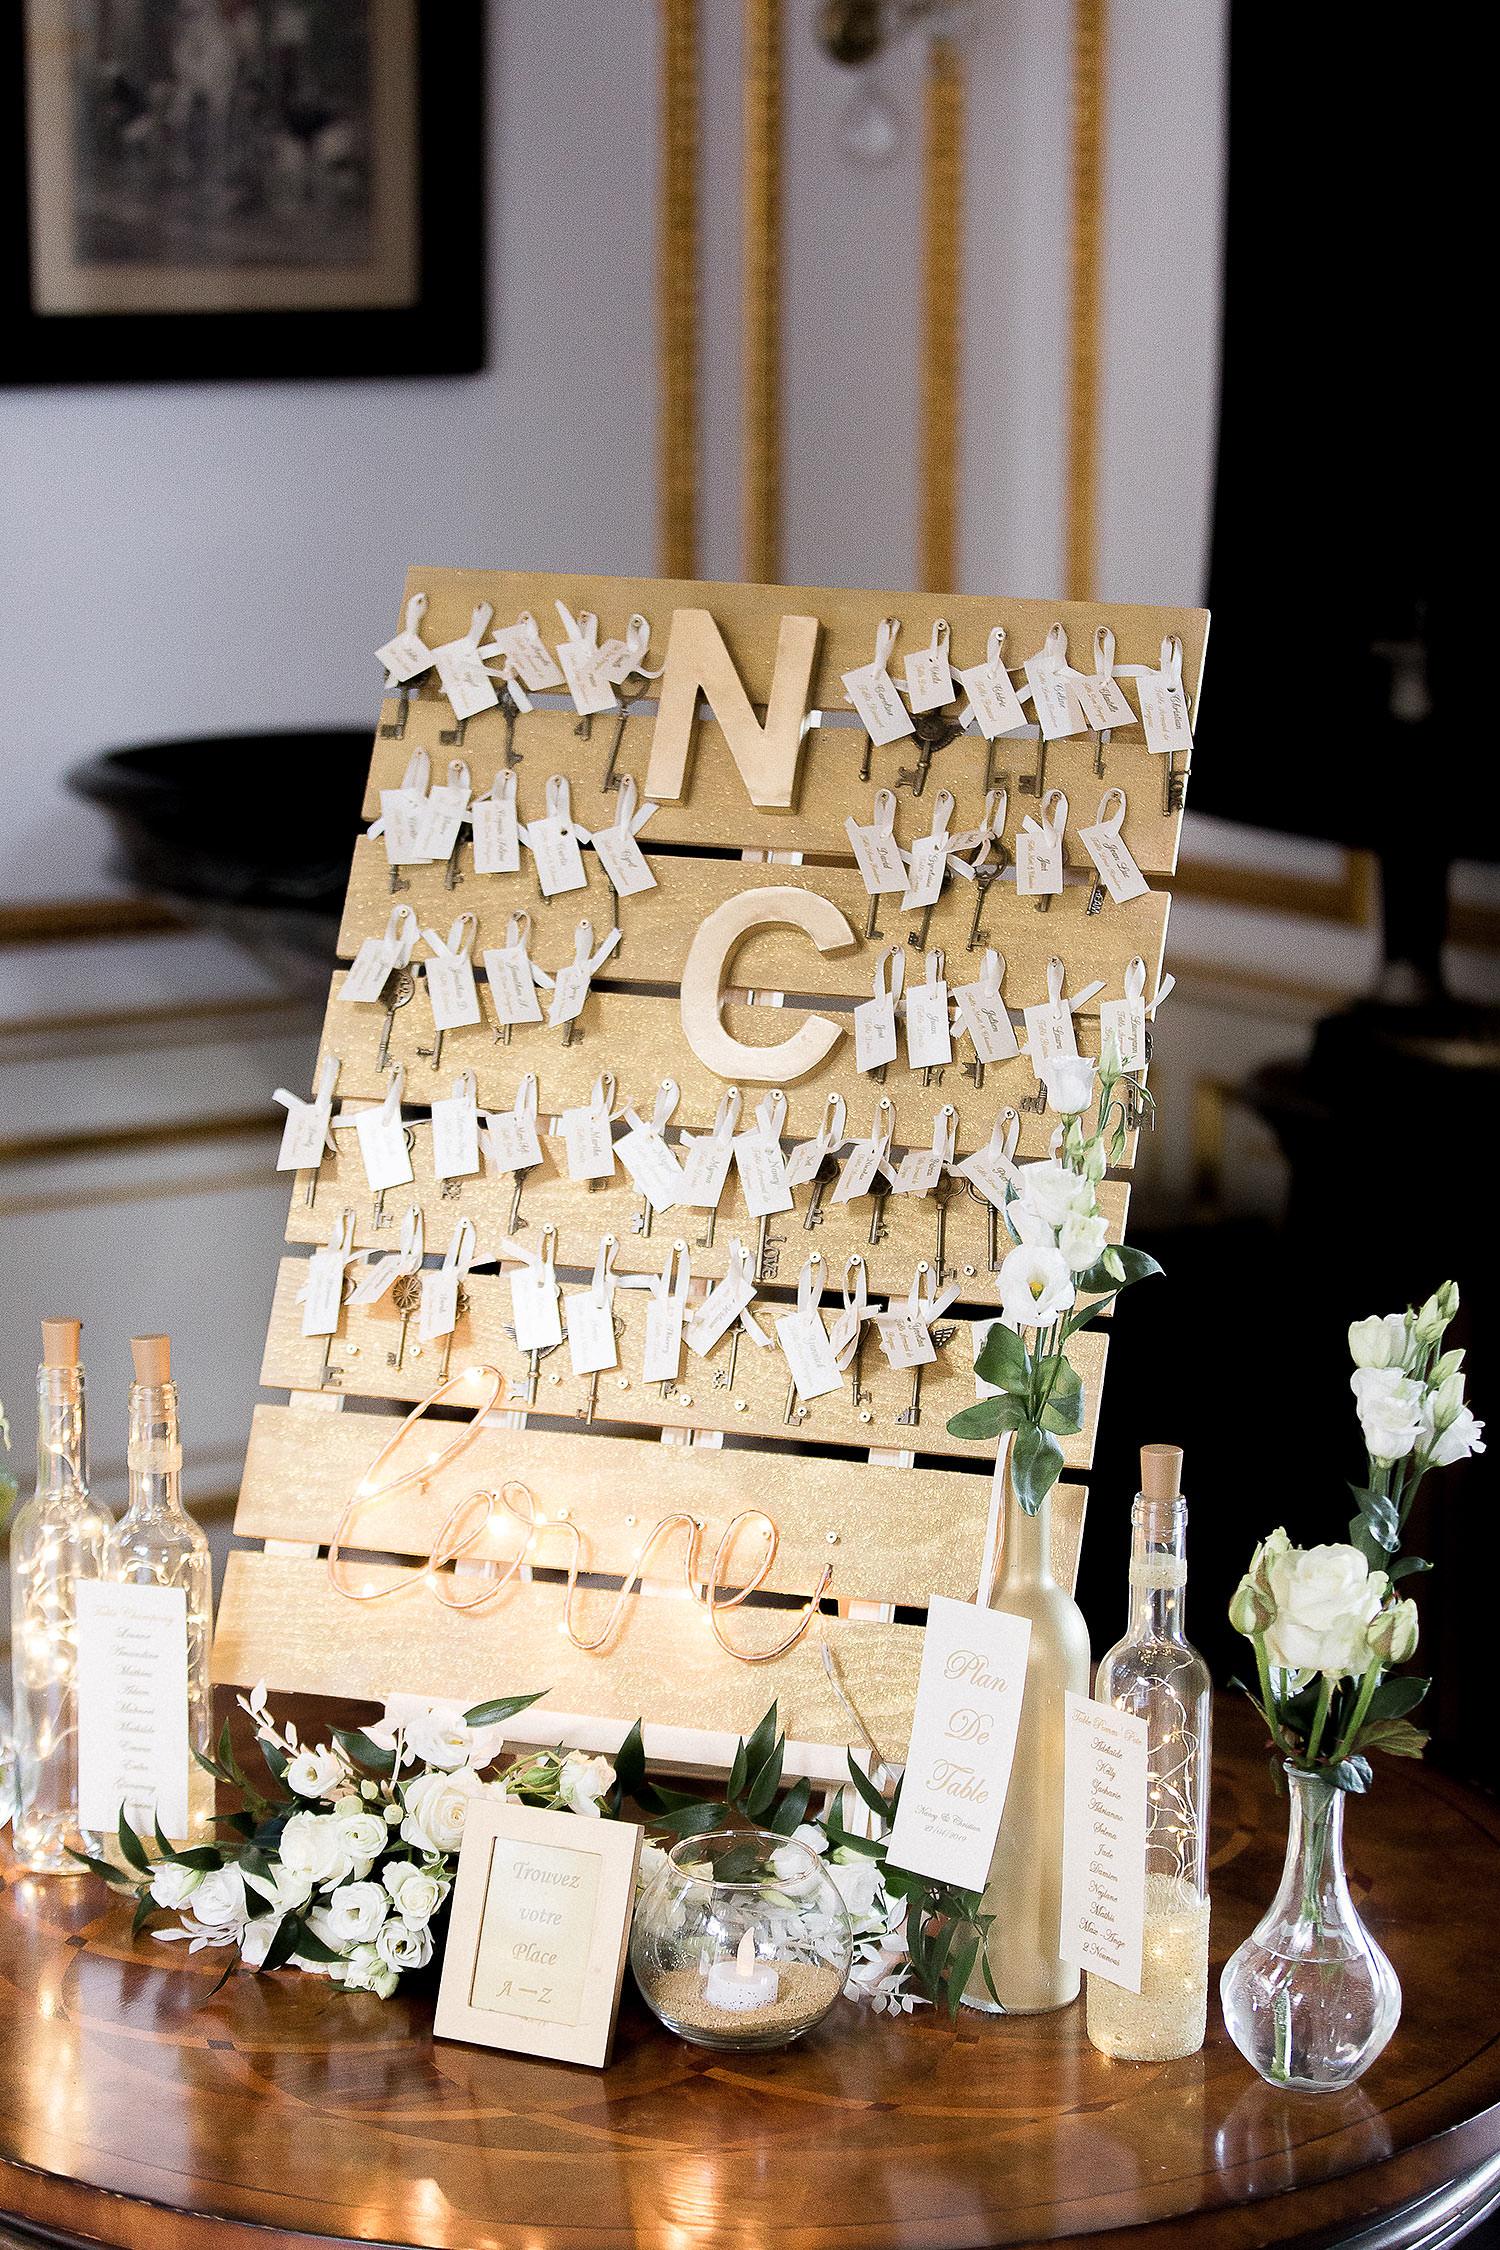 Plan de table sur bouteille de vin lumineuse - Alliance rêvée